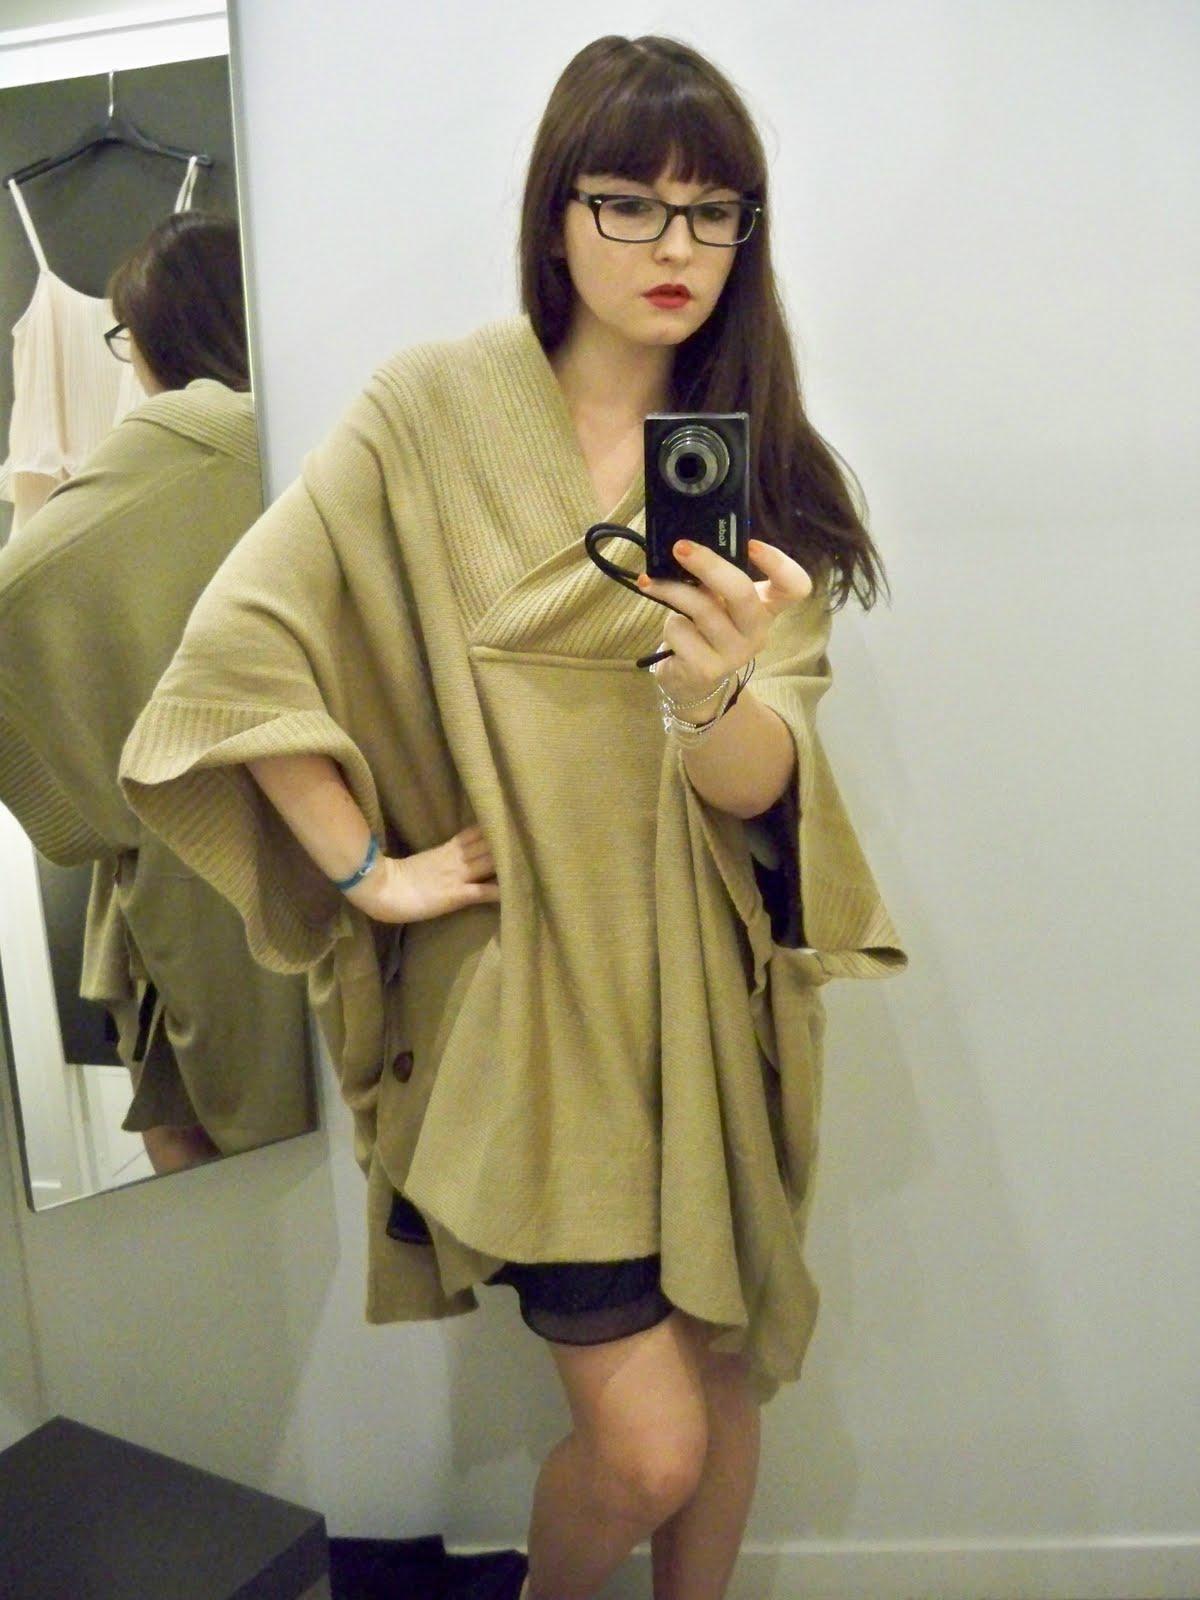 Comment m 39 habiller forums madmoizelle for Quelle couleur va avec le vert